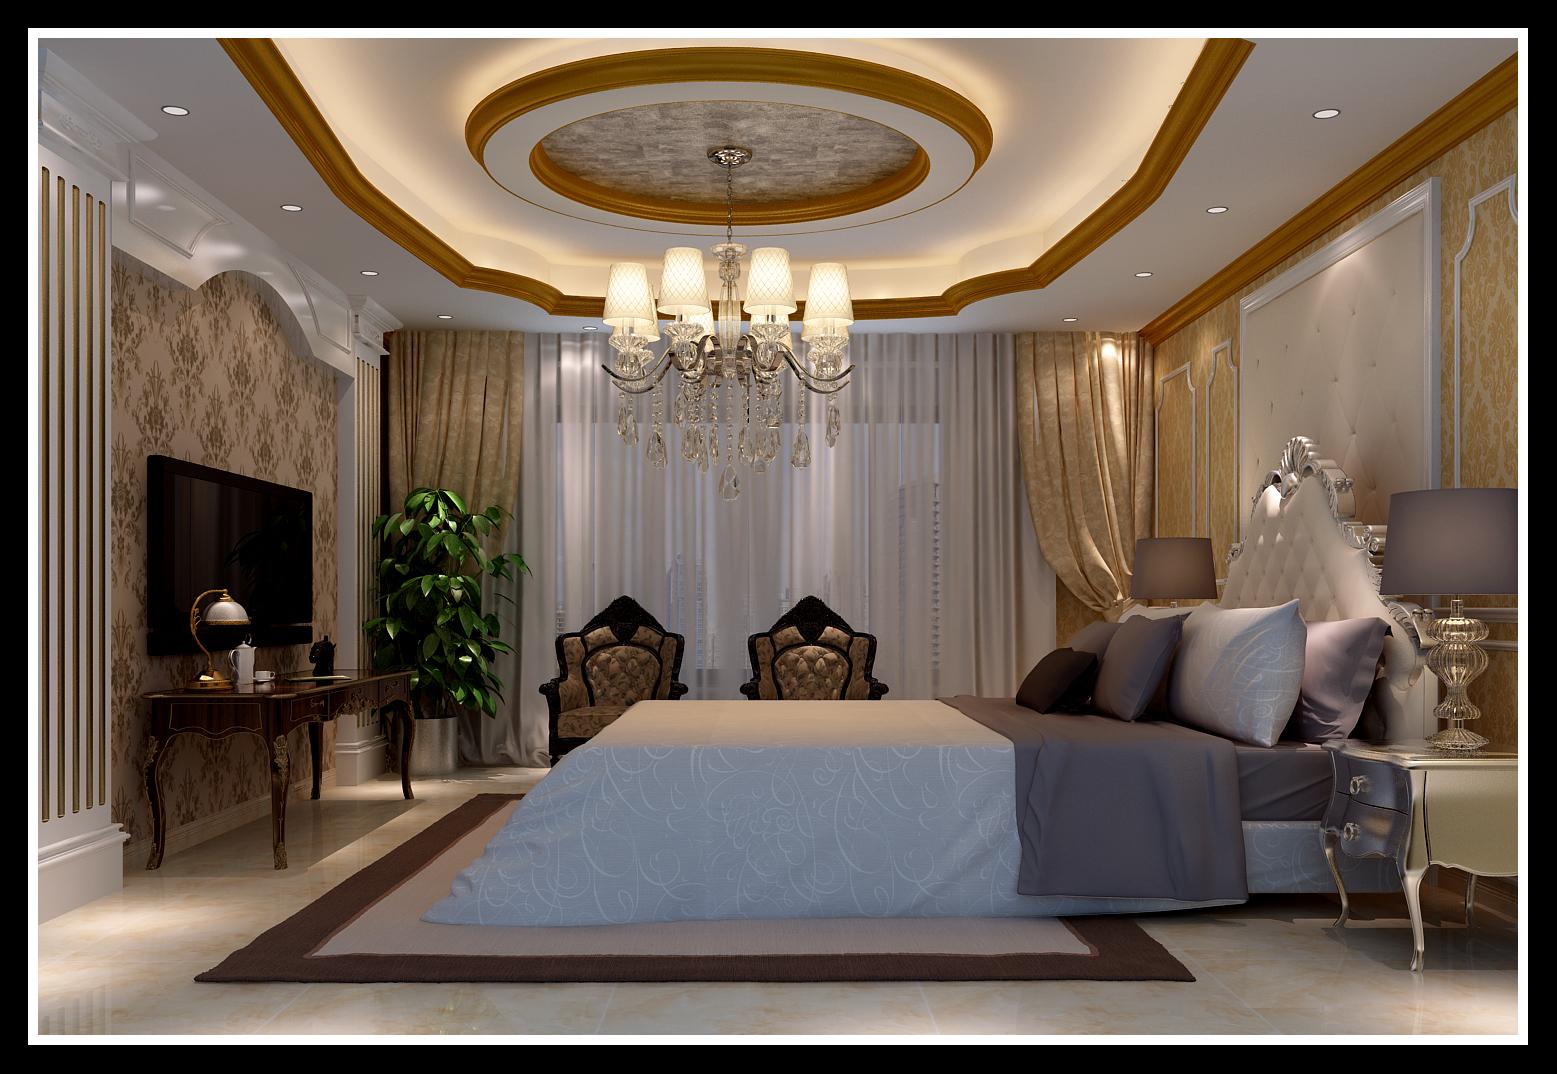 卧室 卧室图片来自石家庄大业美家装饰在藁城自建别墅—豪华欧式风格的分享